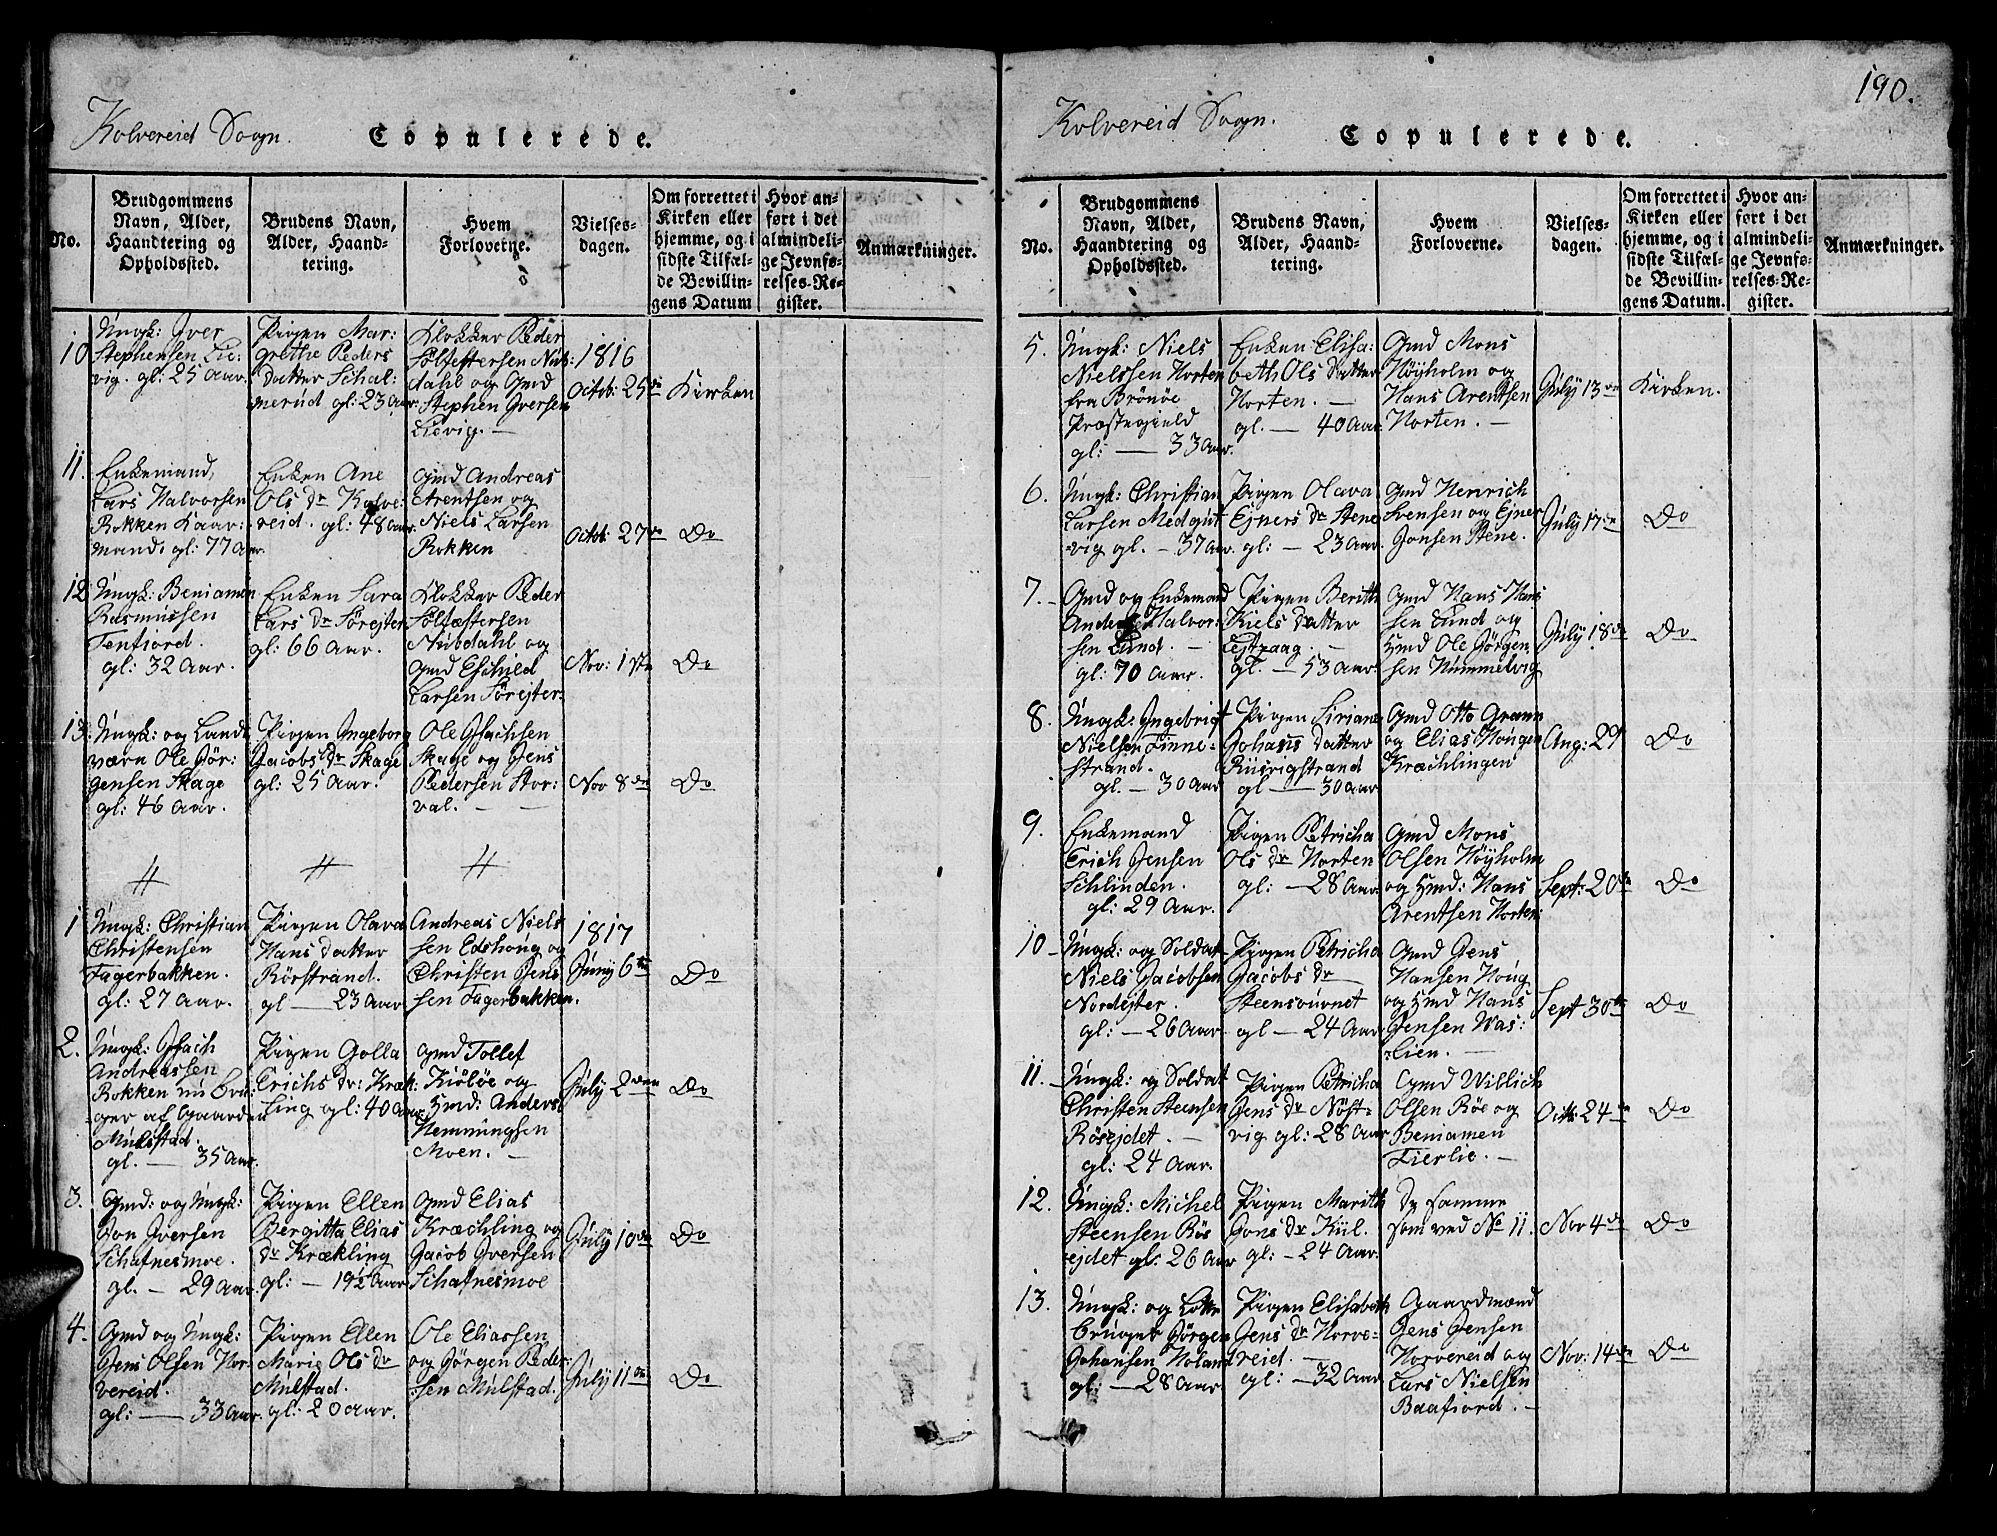 SAT, Ministerialprotokoller, klokkerbøker og fødselsregistre - Nord-Trøndelag, 780/L0648: Klokkerbok nr. 780C01 /1, 1815-1870, s. 190